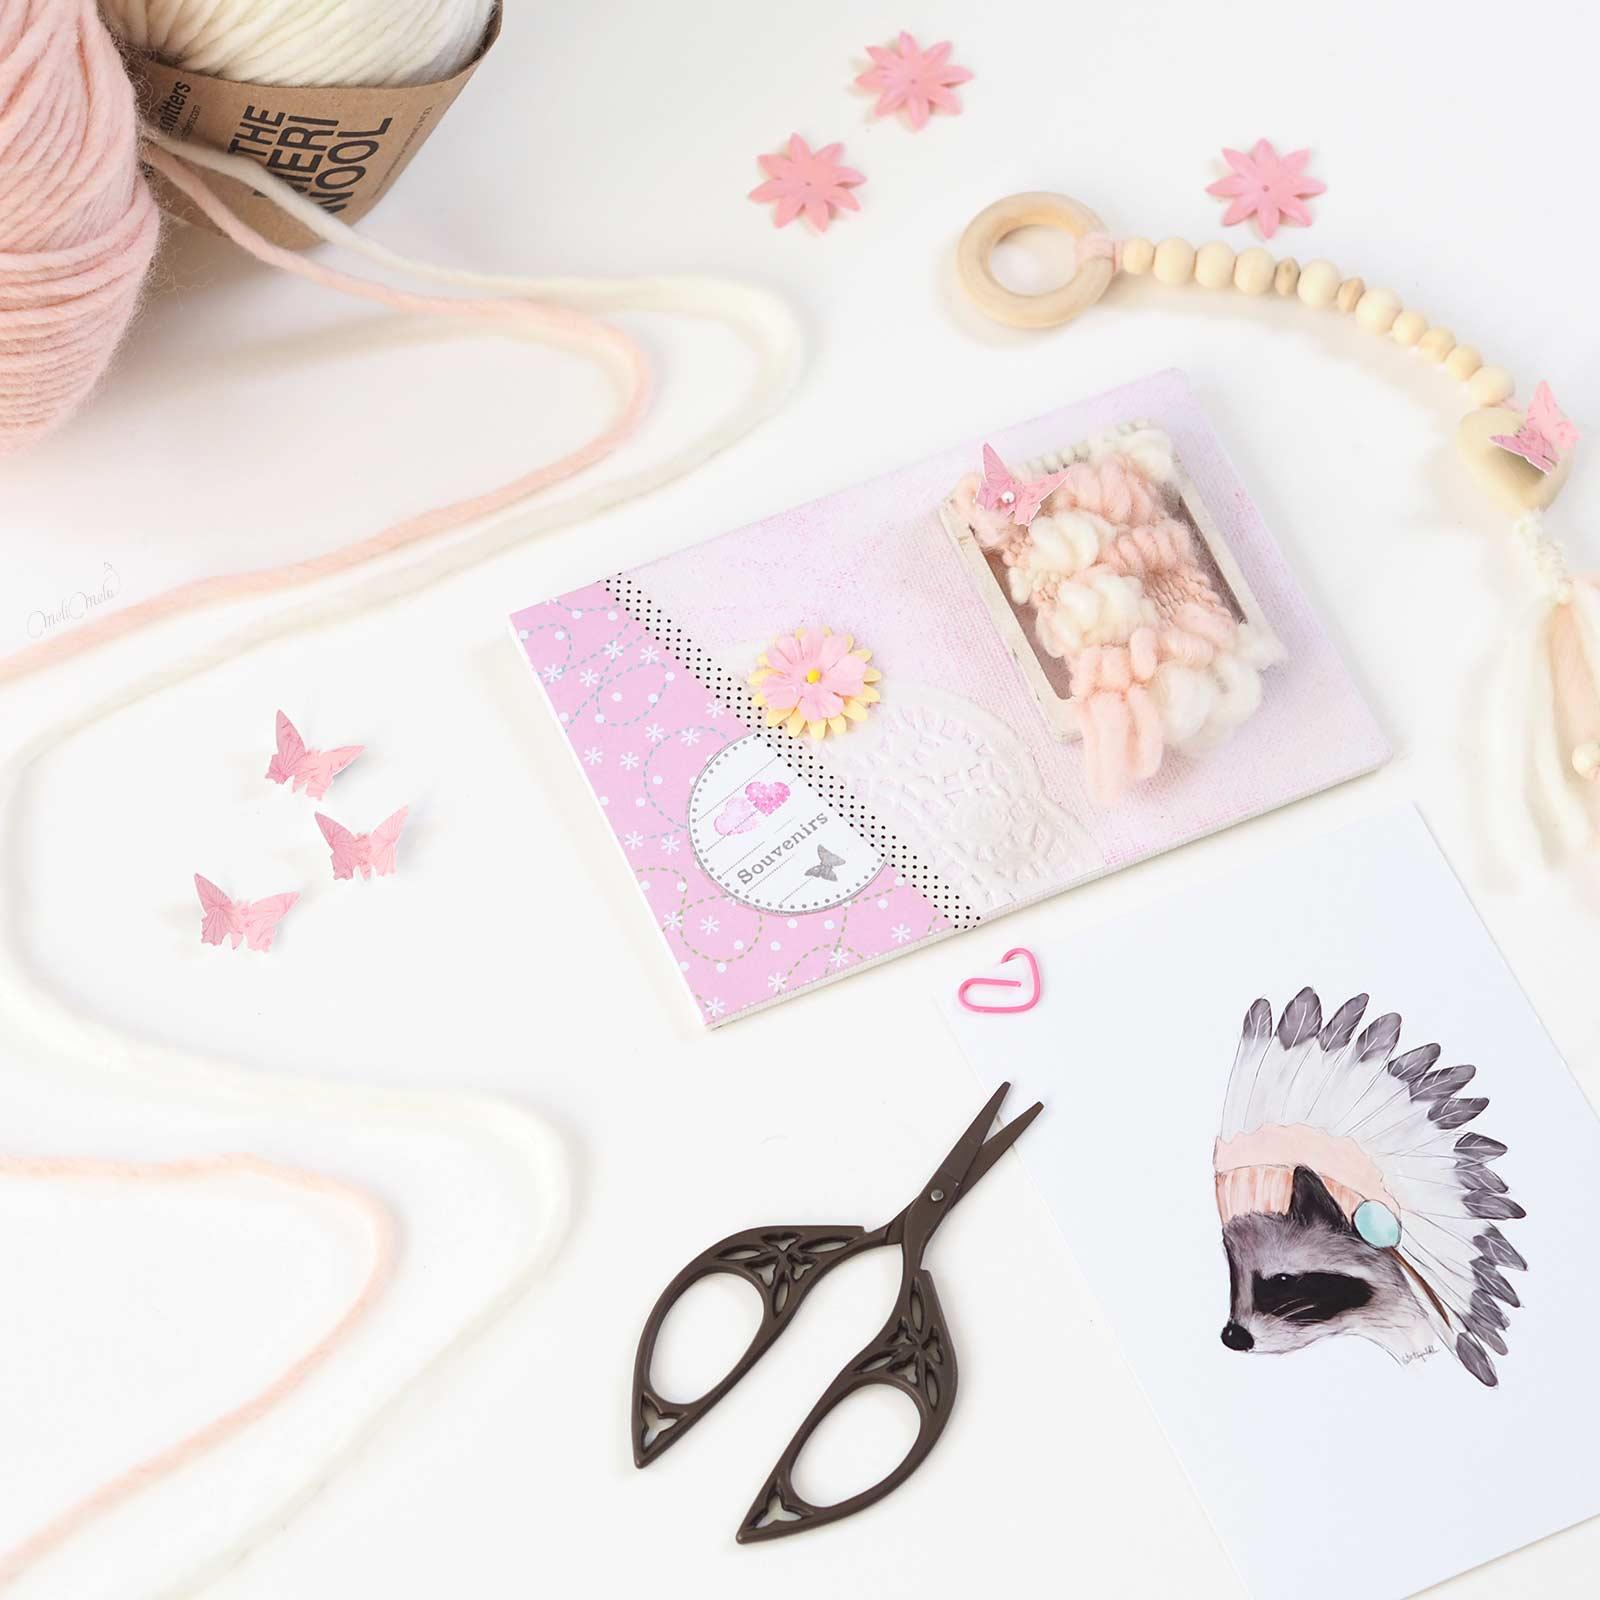 wip happymail rose mini-tissage en laine merinos weareknitters carte postale crafts scrapbooking weareknitters latortuguitablanca laboutiquedemelimelo